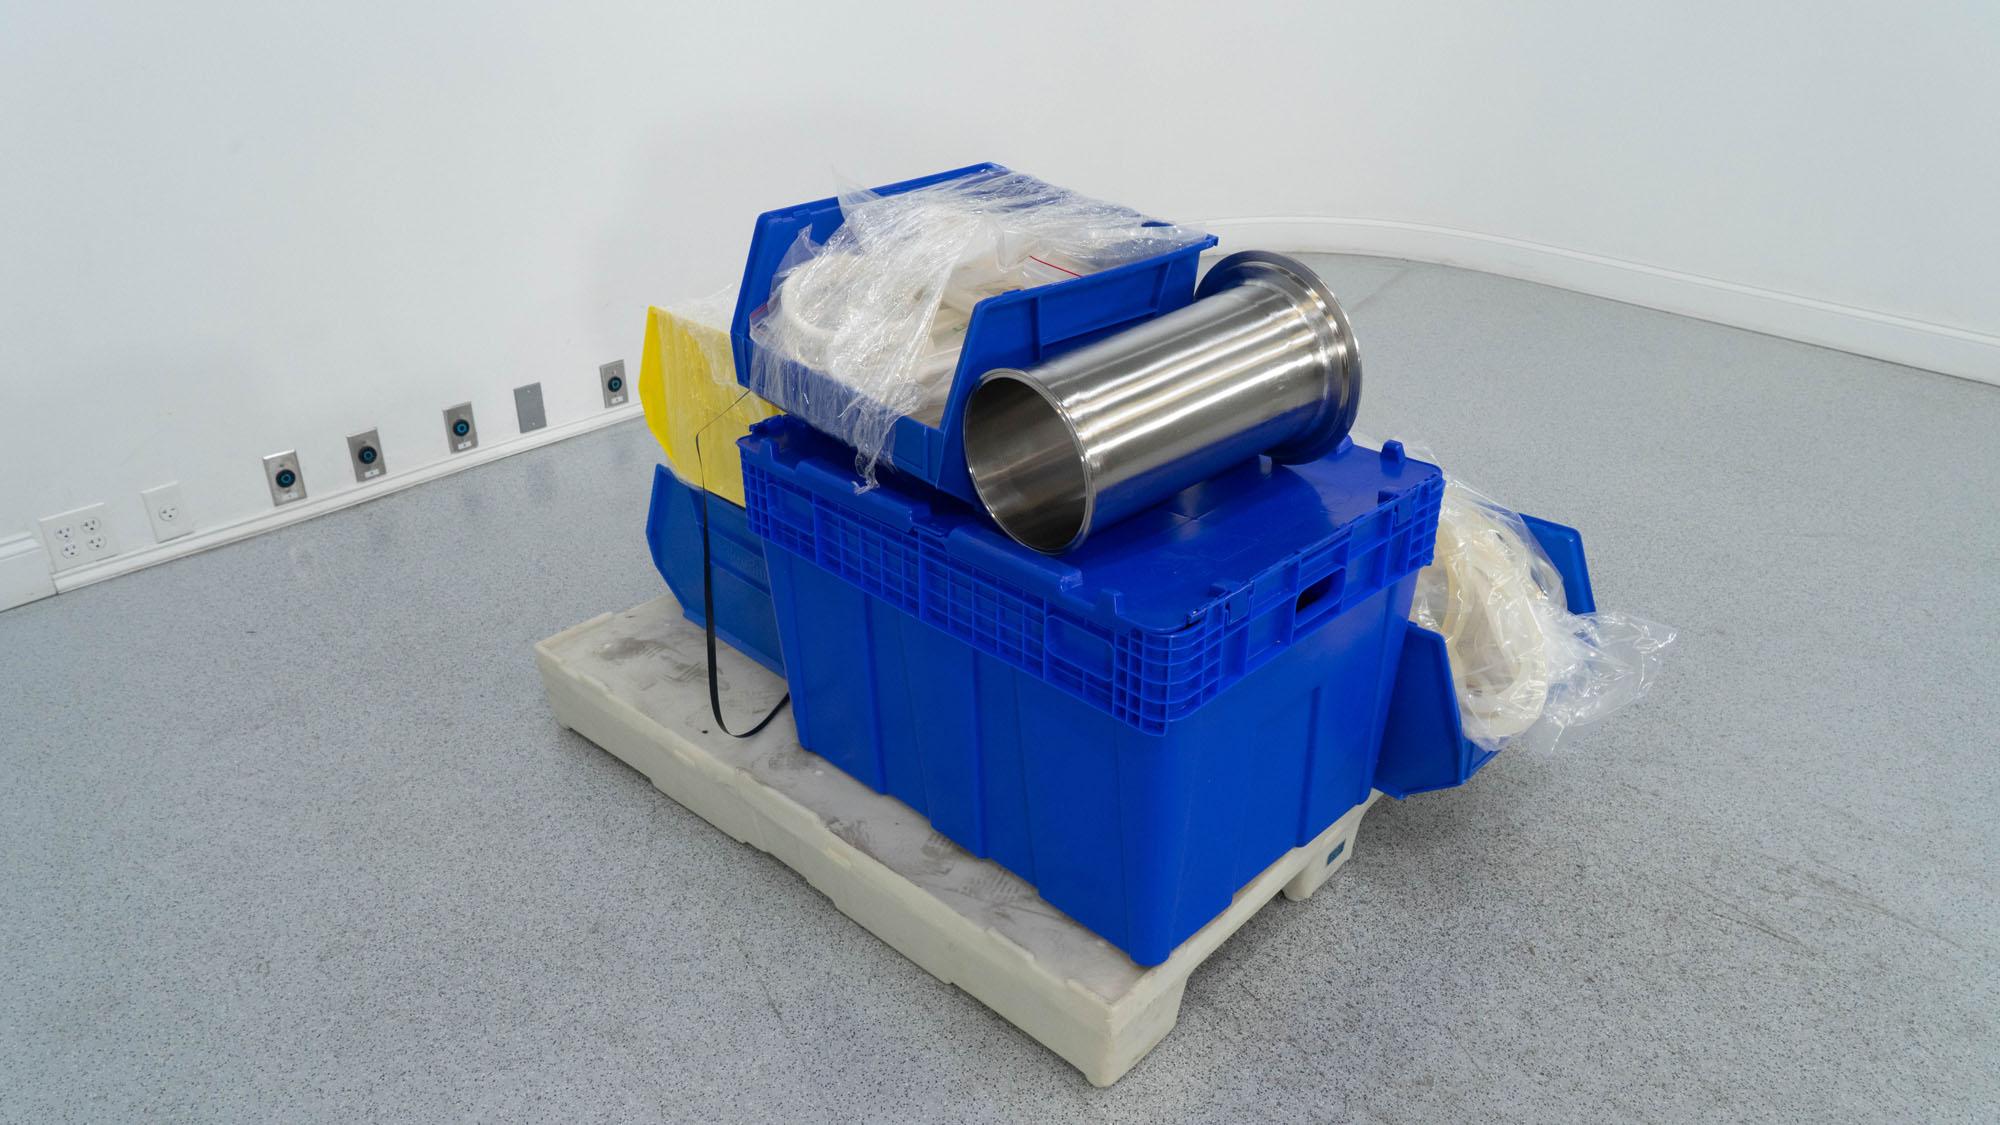 Glatt GPCG 5 Fluid Bed Dryer Chambers, S/S